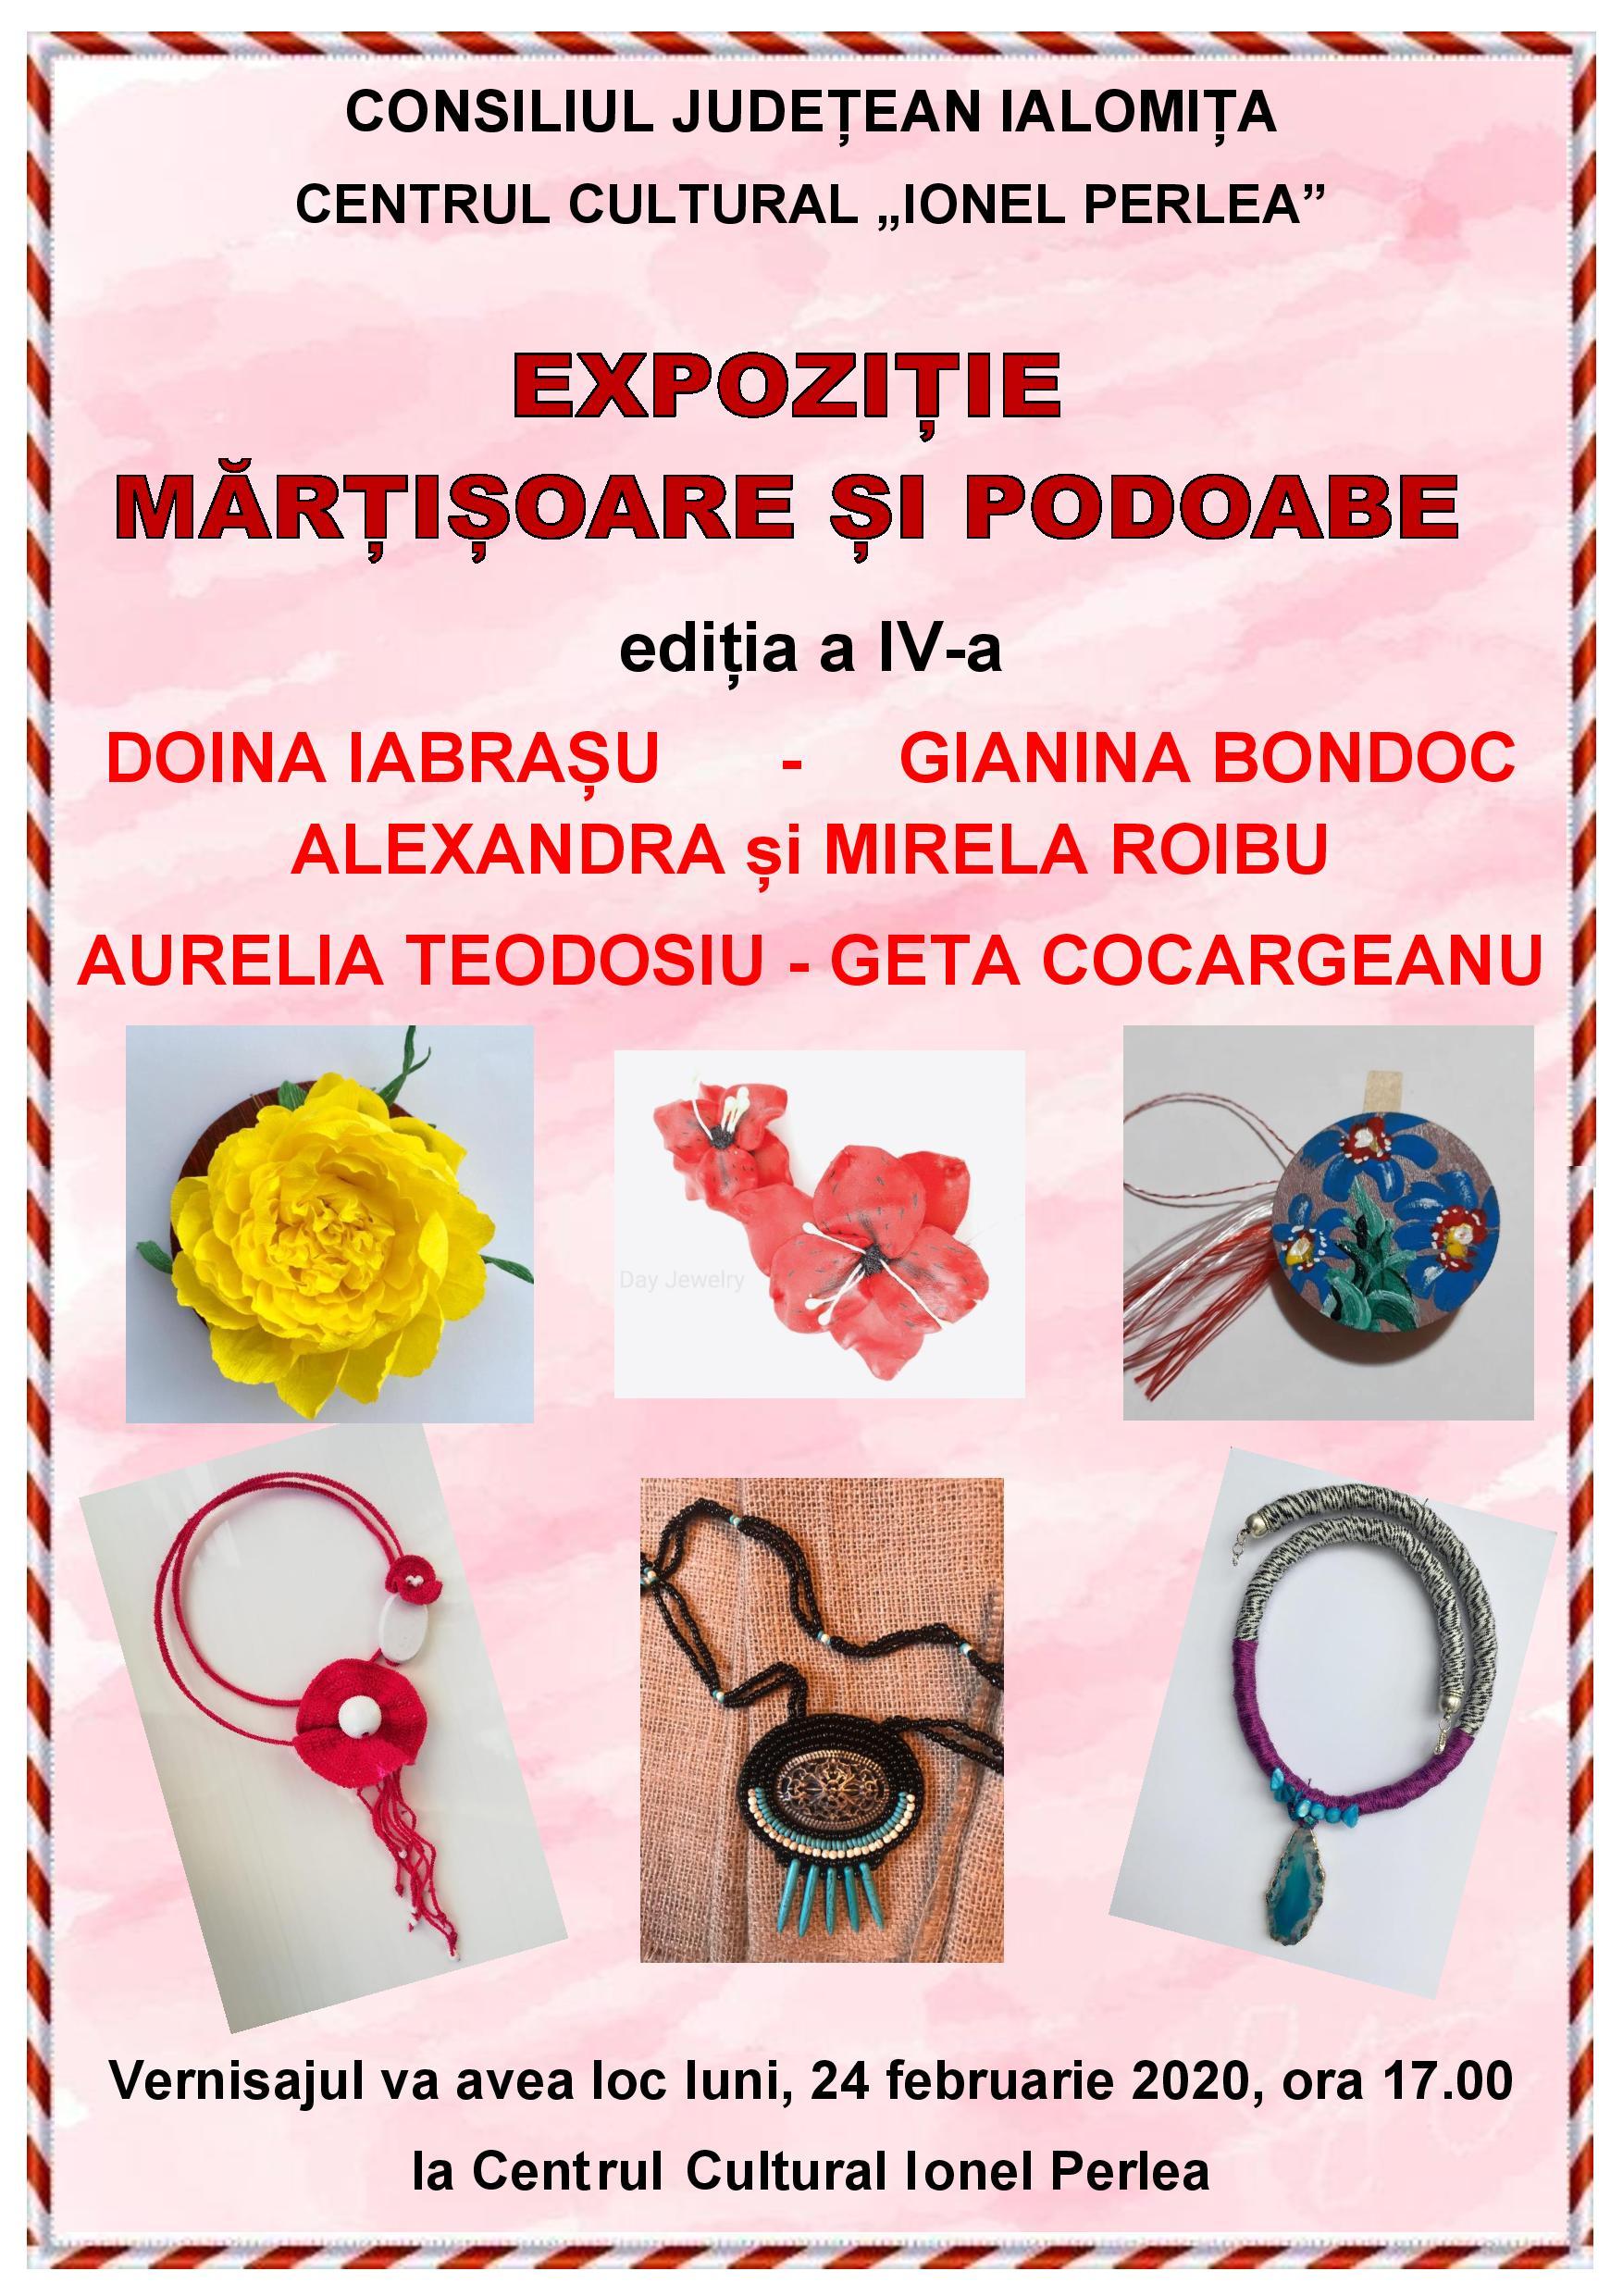 """Expoziţie mărţişoare şi podoabe, 24 februarie 2020, ora 17:00, Centrul Cultural ,,Ionel Perlea"""""""